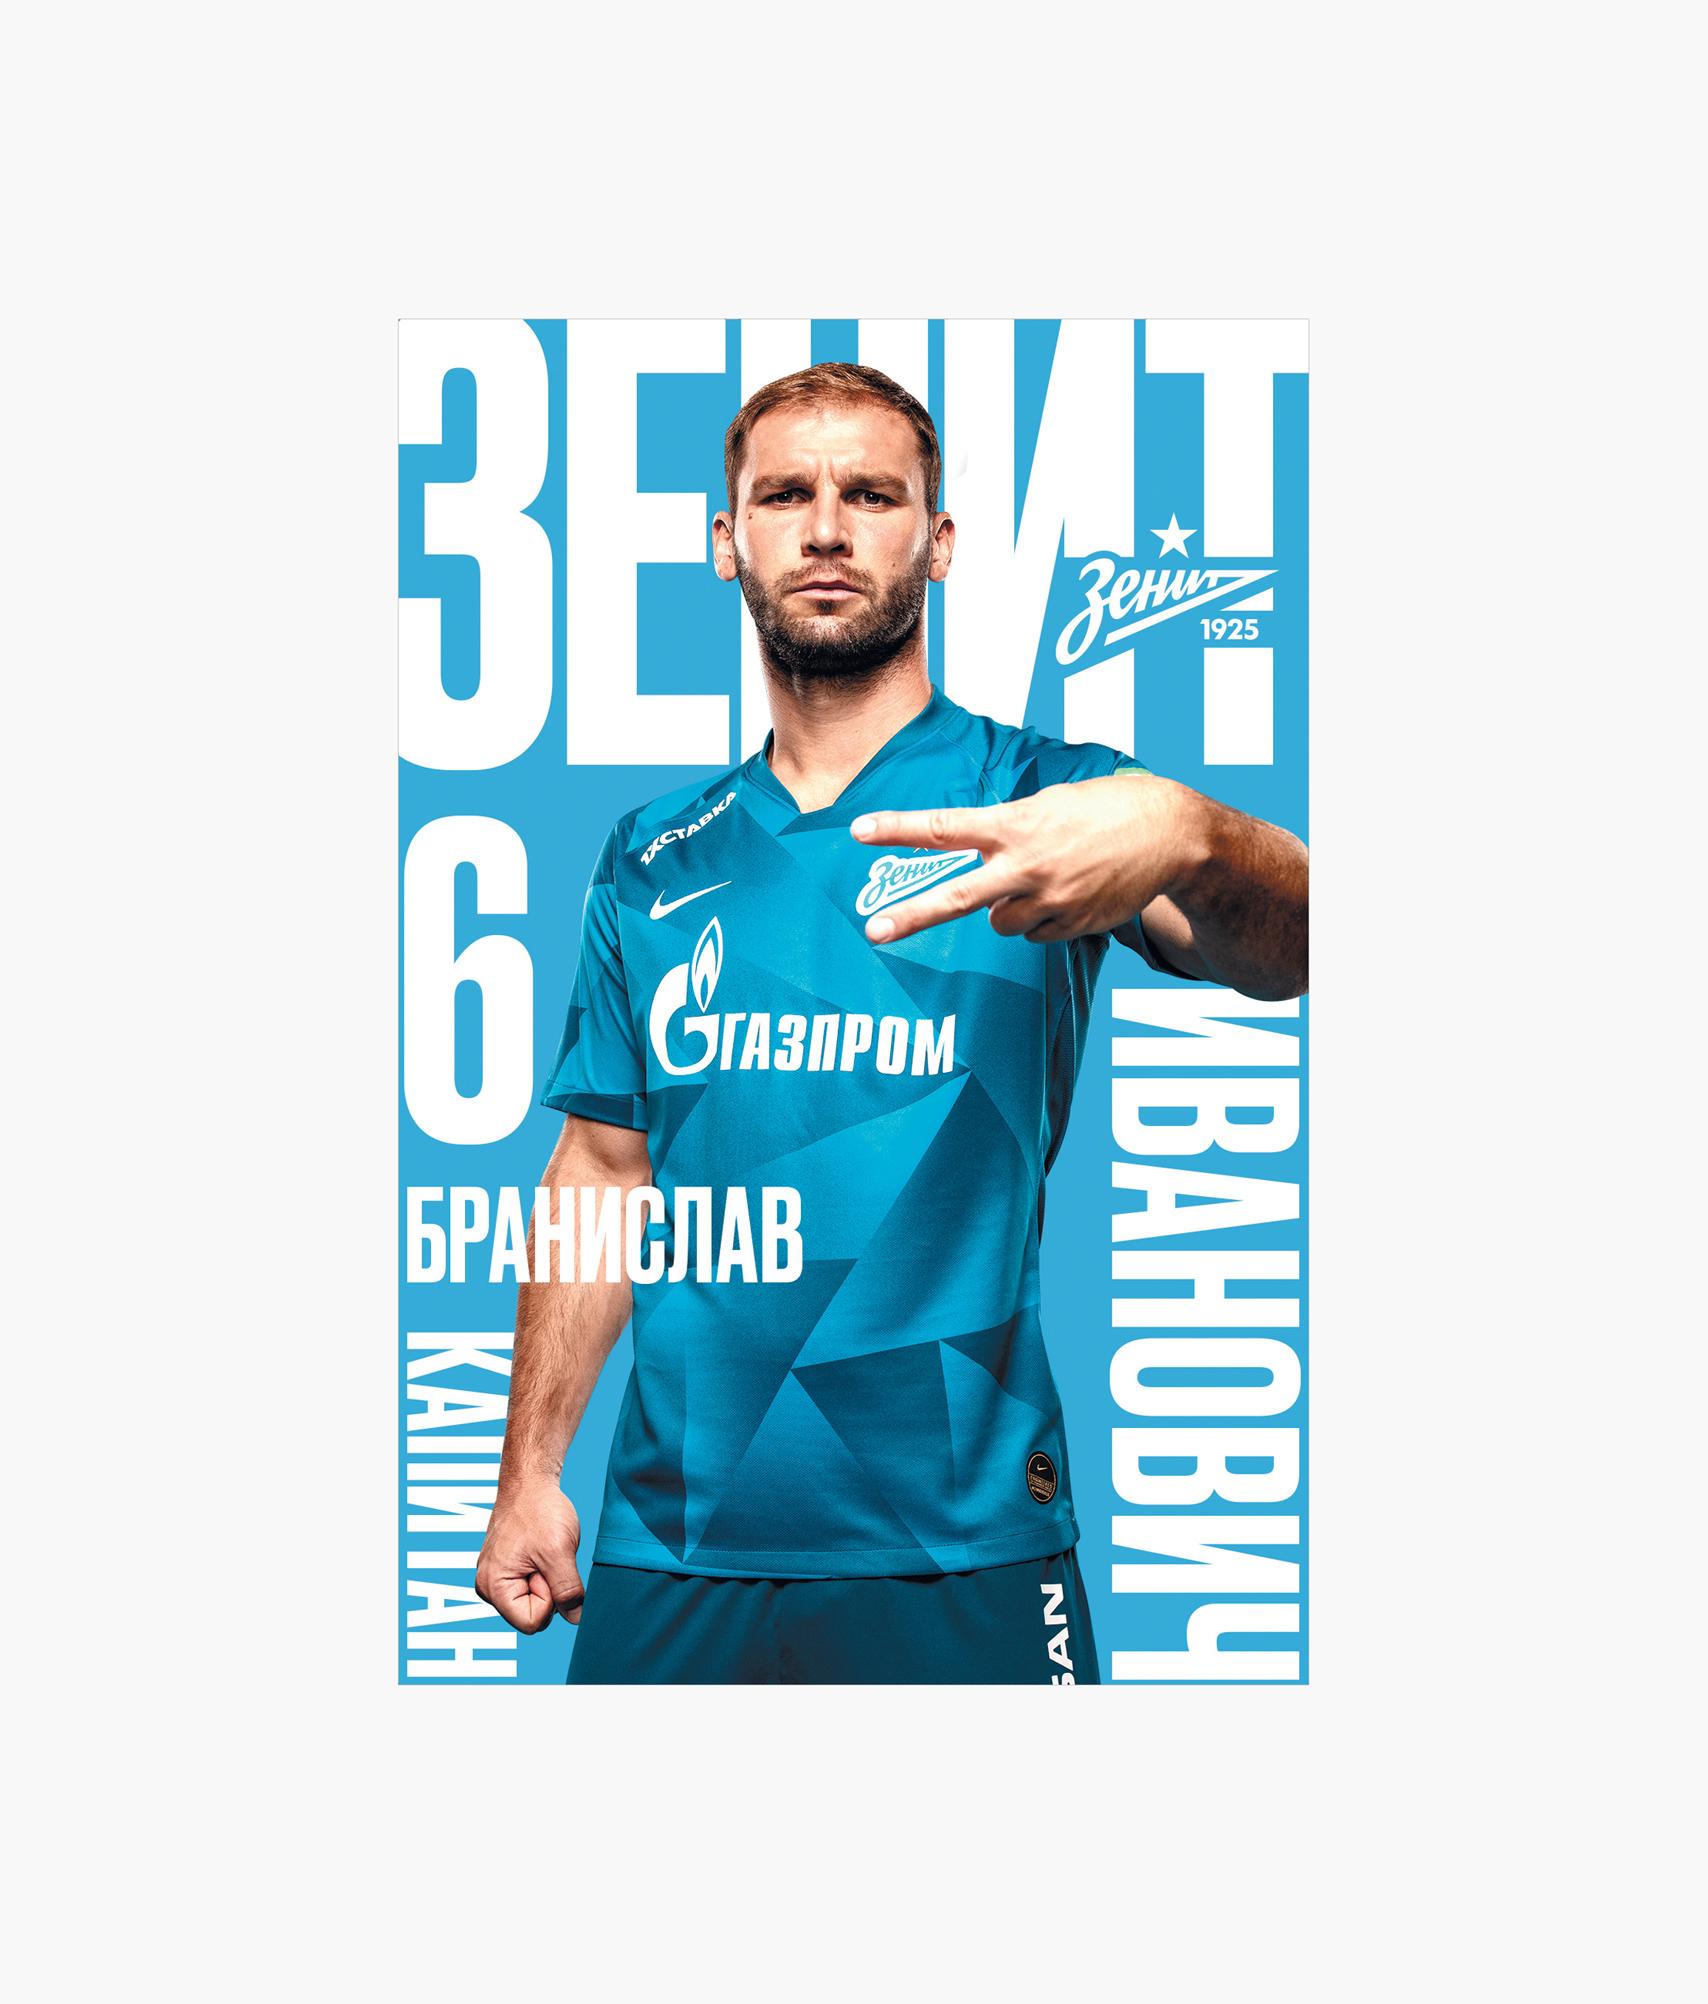 Открытка «Иванович 2019/2020» Зенит открытка лодыгин 2018 2019 зенит